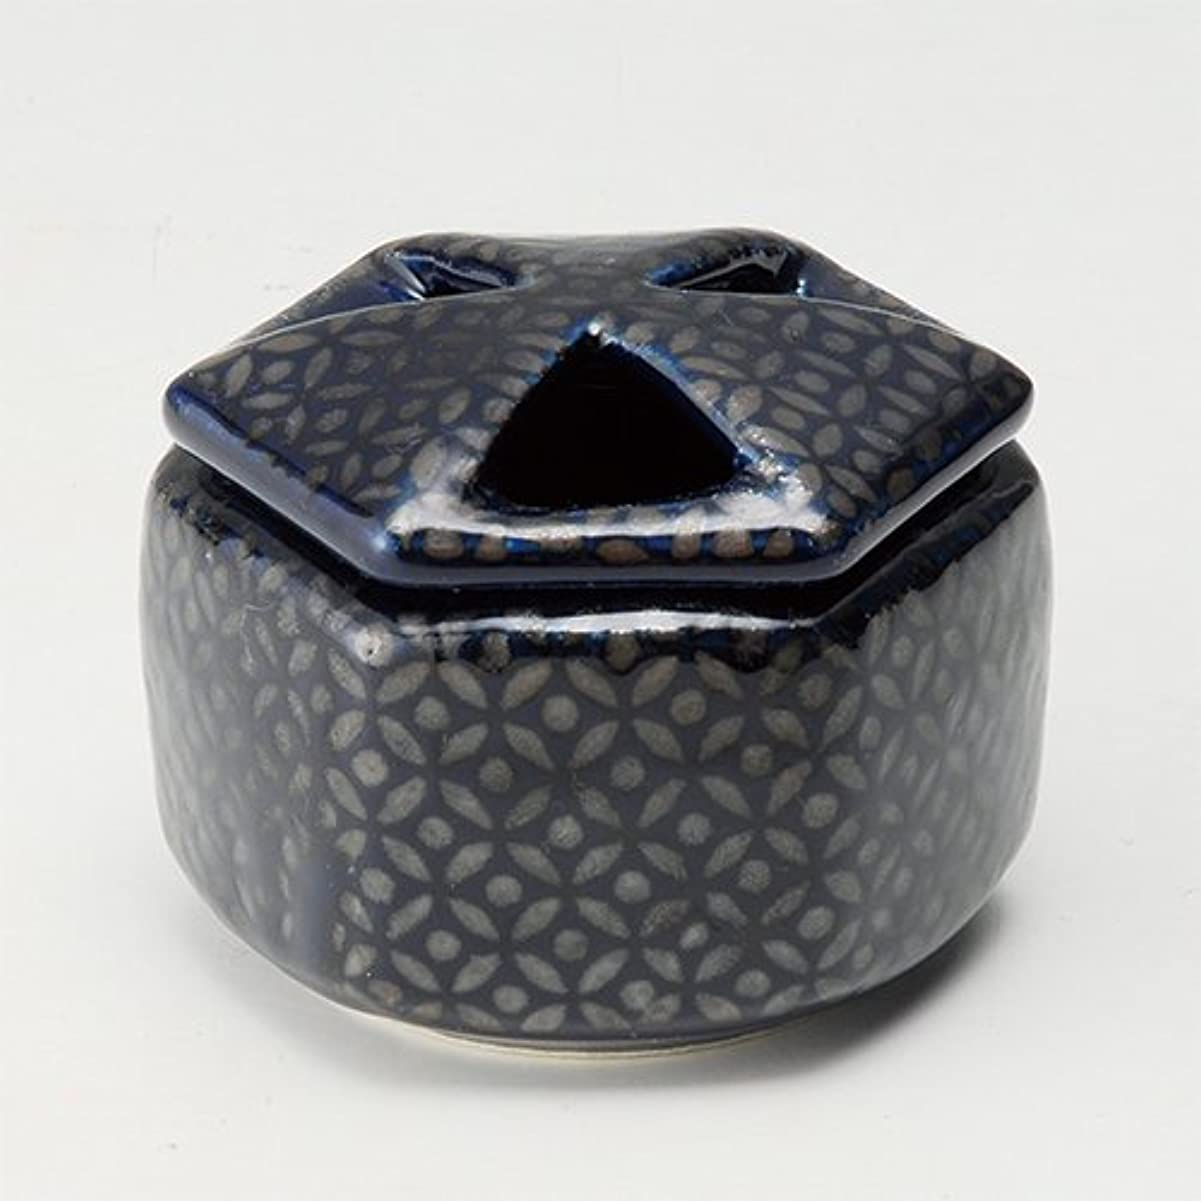 永遠に論争的財産香炉 瑠璃七宝 六角香炉 [R8.8xH6.5cm] プレゼント ギフト 和食器 かわいい インテリア